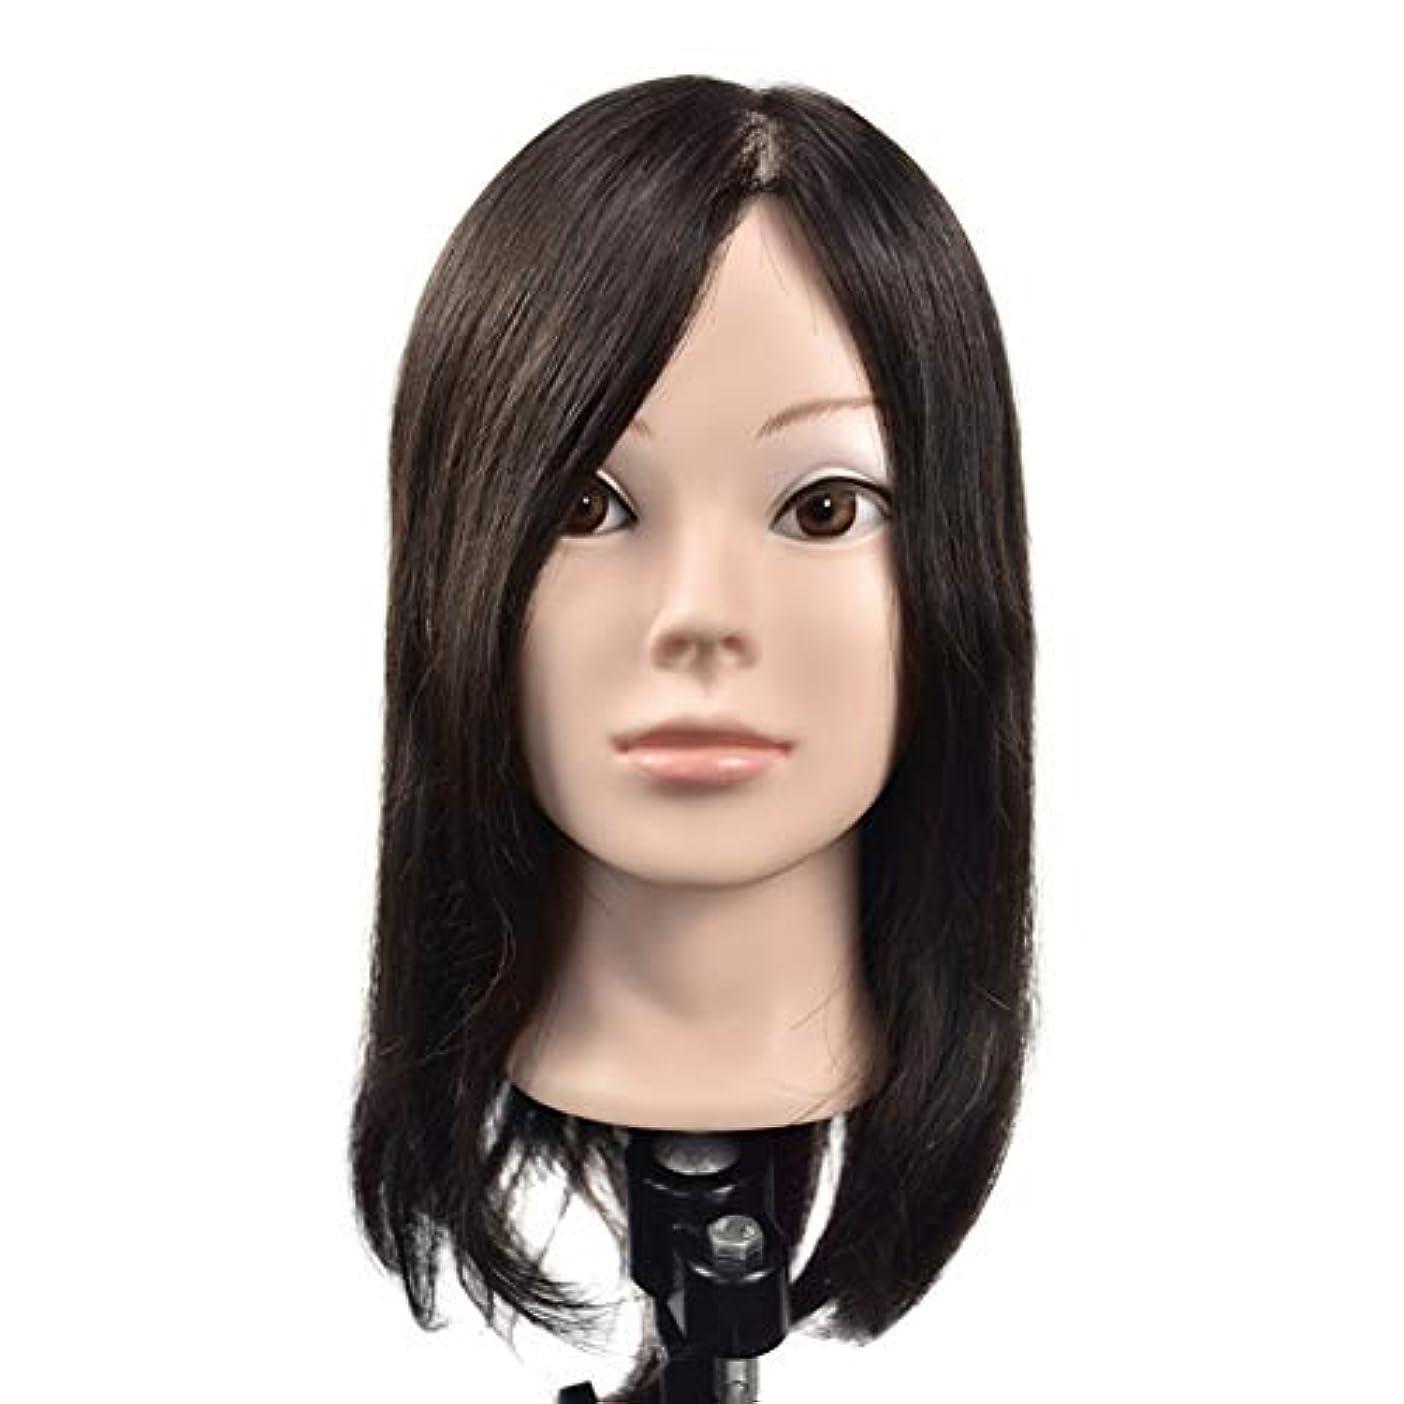 妖精予防接種めまいリアルヘアースタイリングモデルヘッド女性モデル頭ティーチングヘッド理髪店編組髪染め学習ダミーヘッド